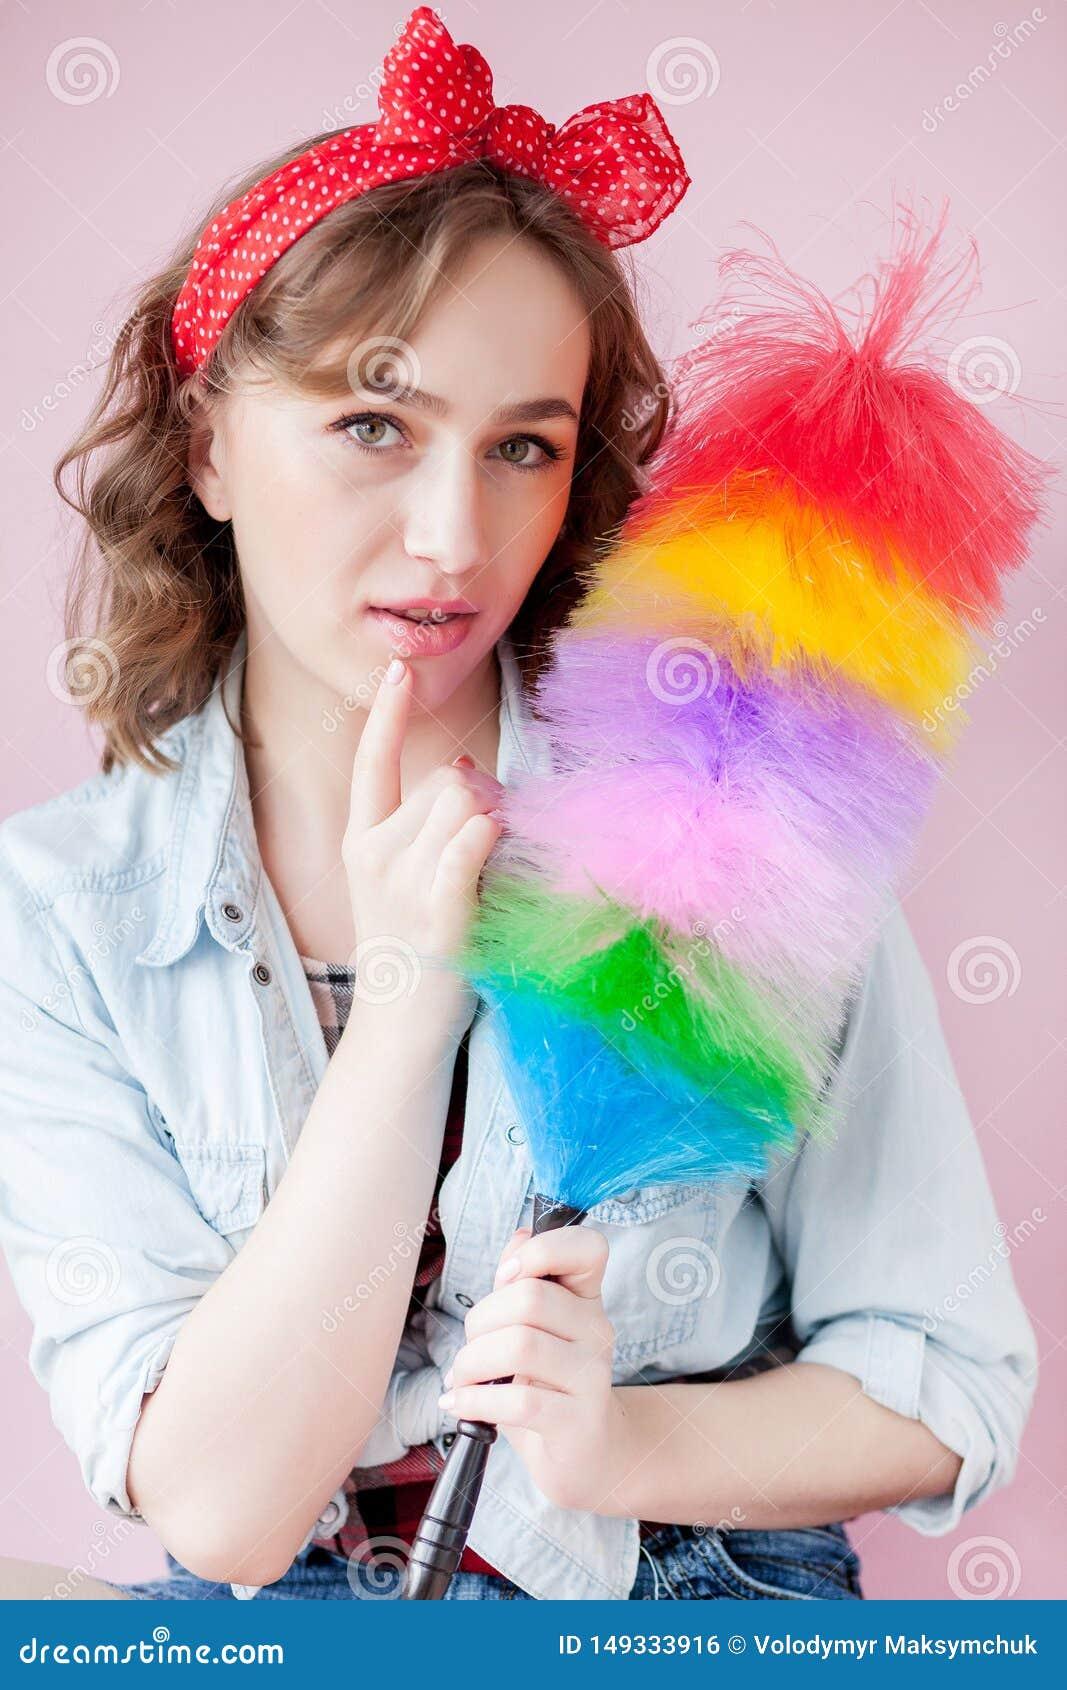 妇女的清洗的别针 微笑的画报女孩拿着五颜六色的喷粉器刷子 r 画报与羽毛喷粉器的女孩擦净剂